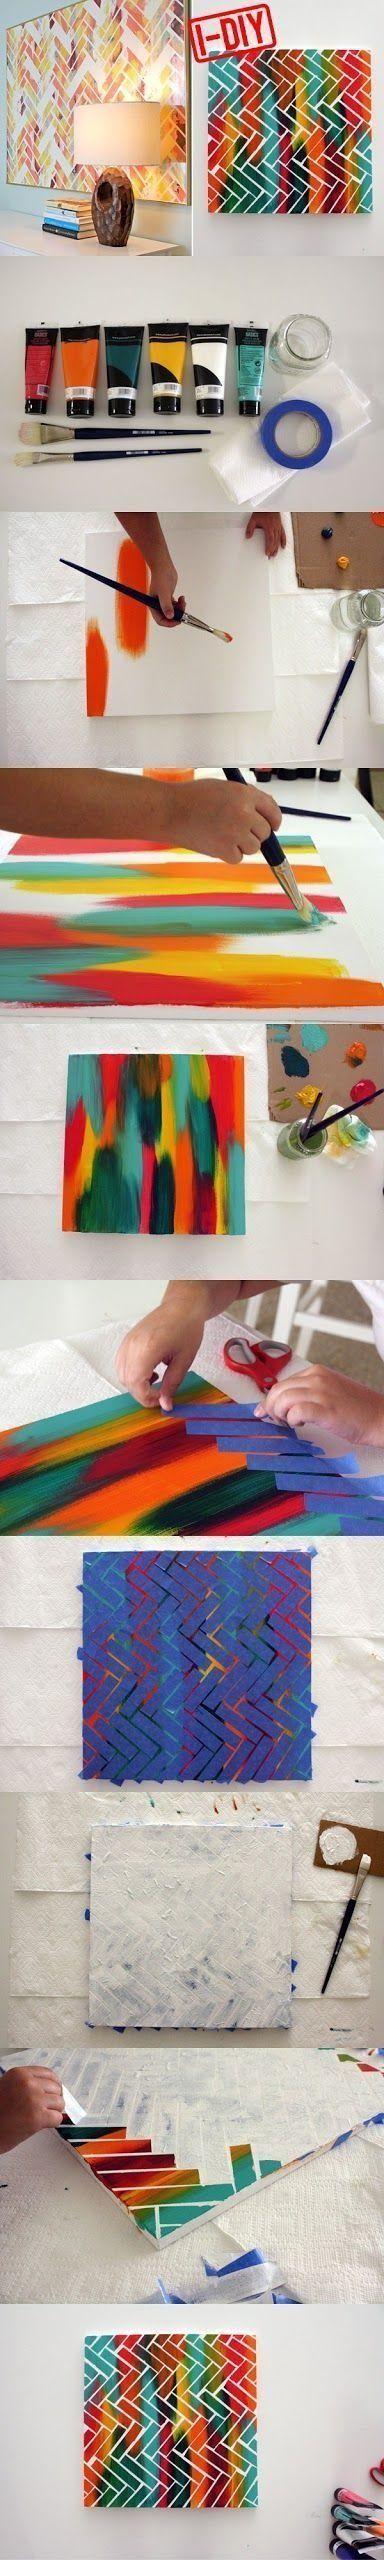 14 Unieke zelfmaak ideetjes om zelf kunst te maken voor in huis.. #9 is spectaculair!